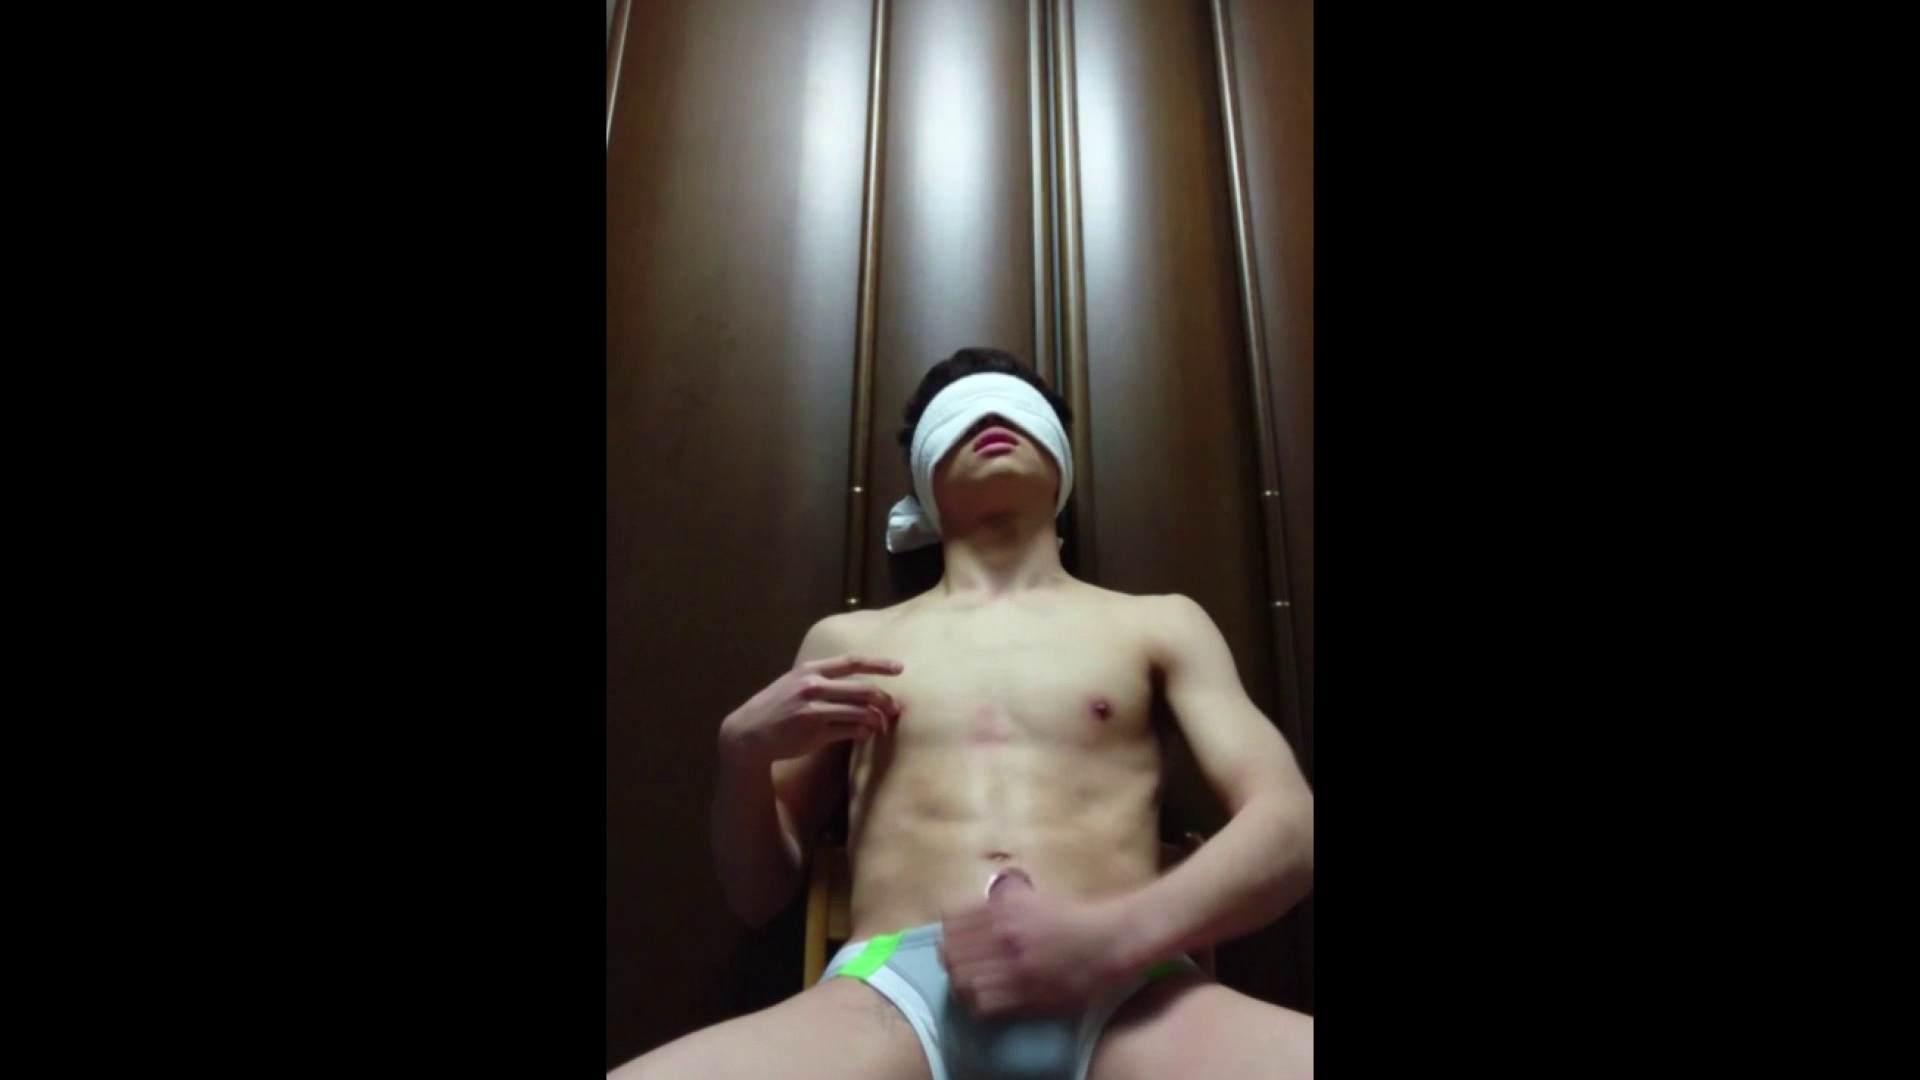 個人撮影 自慰の極意 Vol.21 オナニー  59pic 56